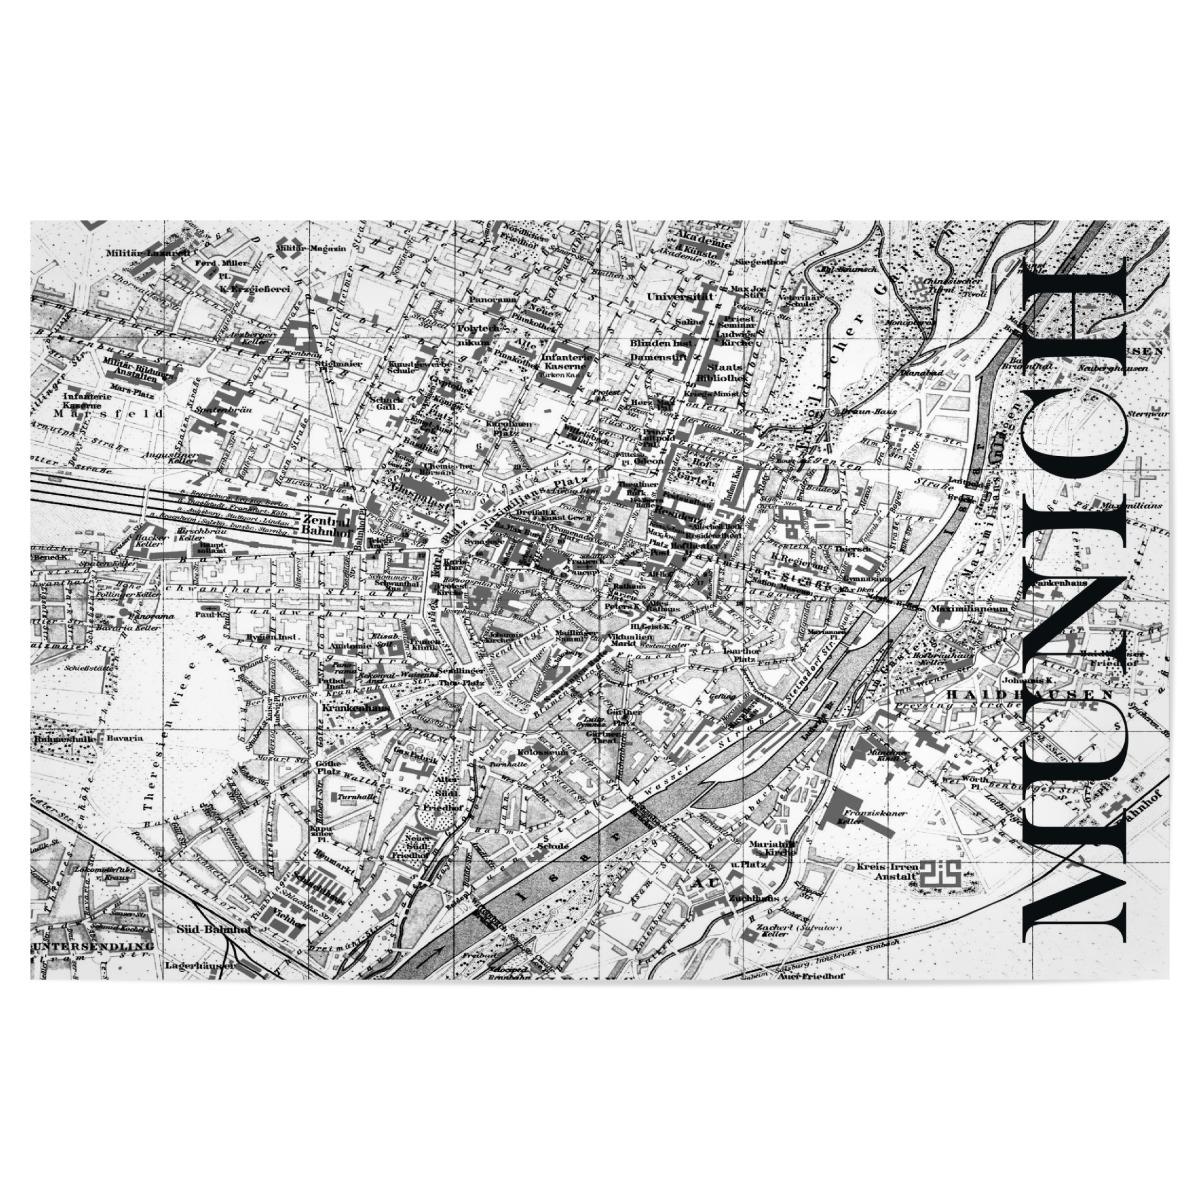 Retro Map Munich Black als Poster bei artboxONE kaufen